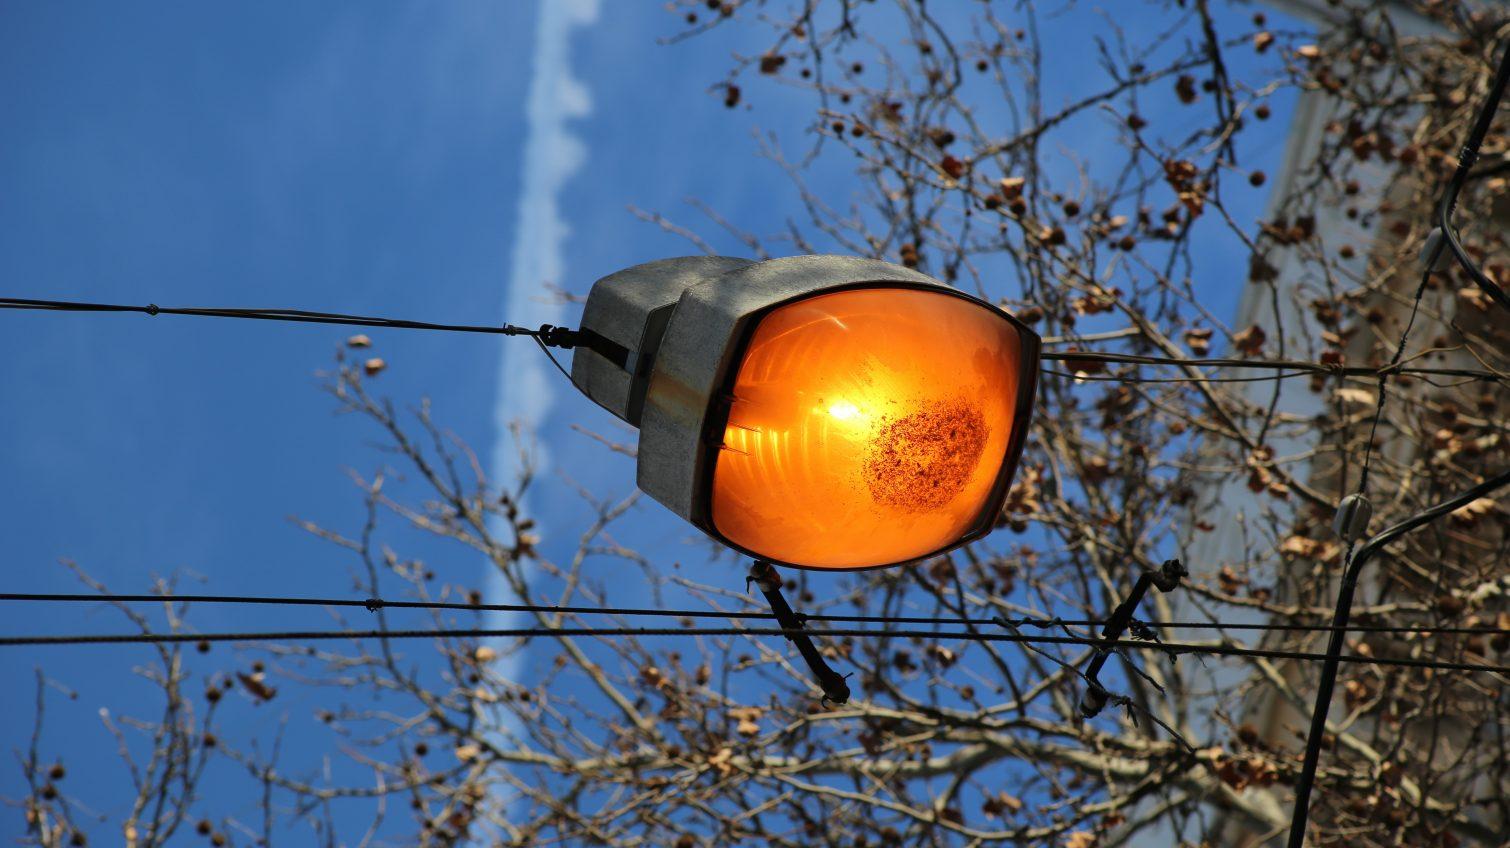 Коммунальщики оценили модернизацию внутриквартального освещения Одессы в 40 миллионов «фото»